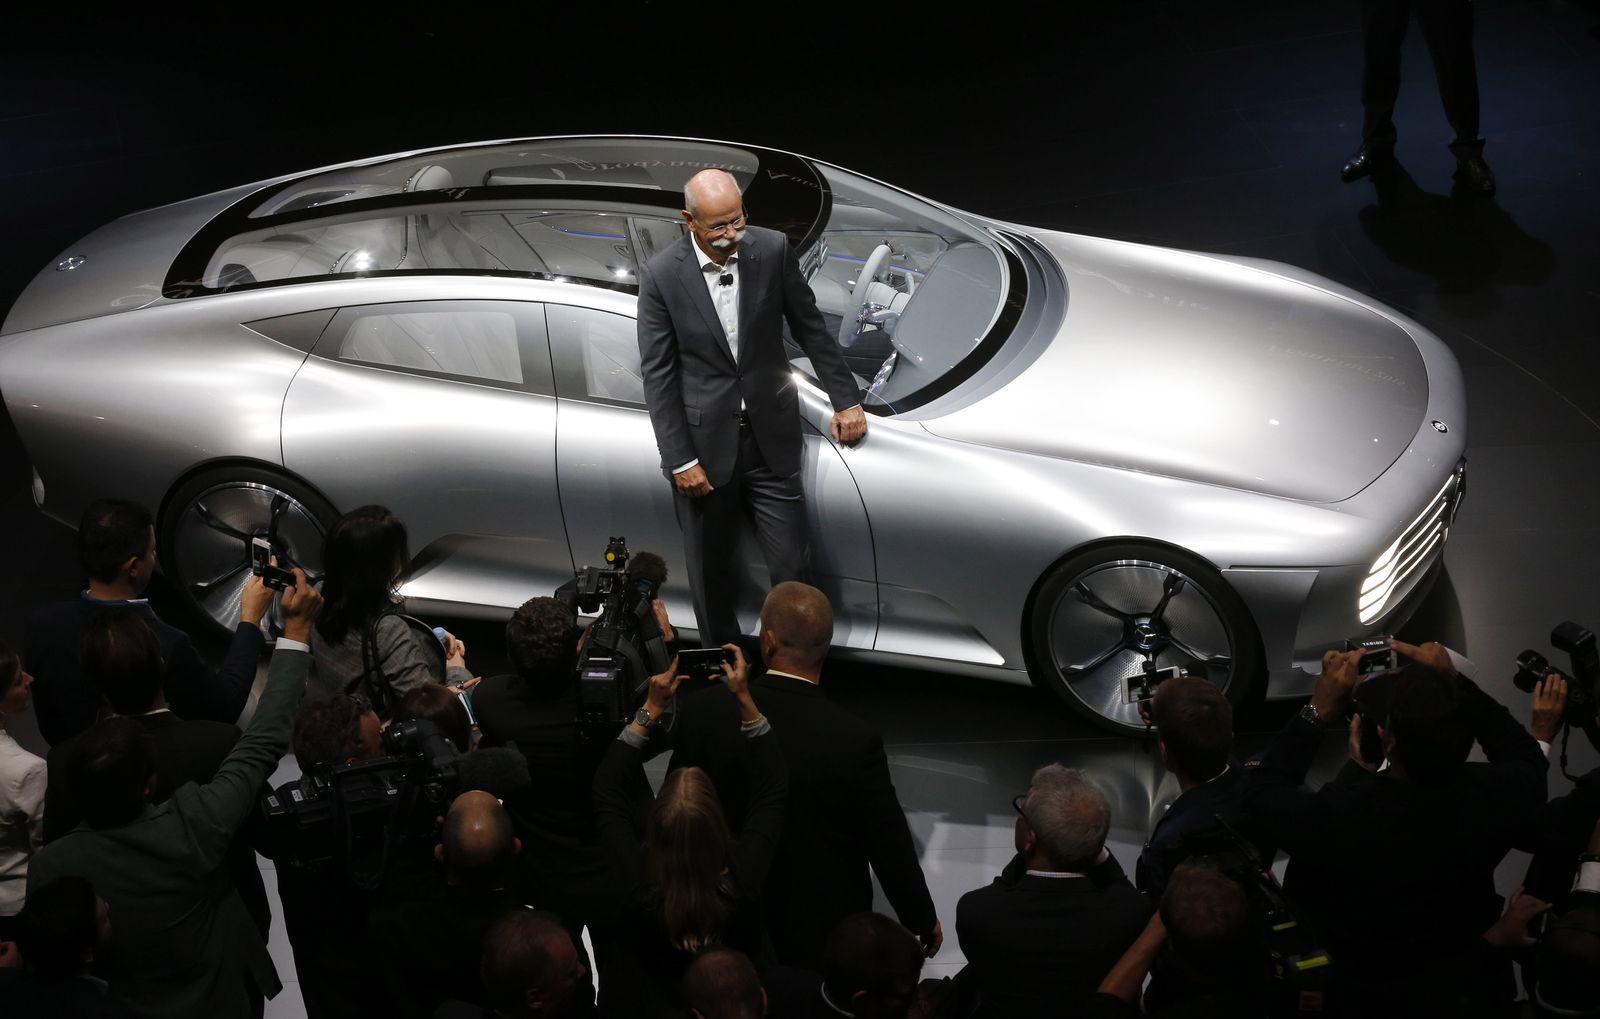 2015 / IAA / Mercedes-Benz Concept IAA / Dieter Zetsche